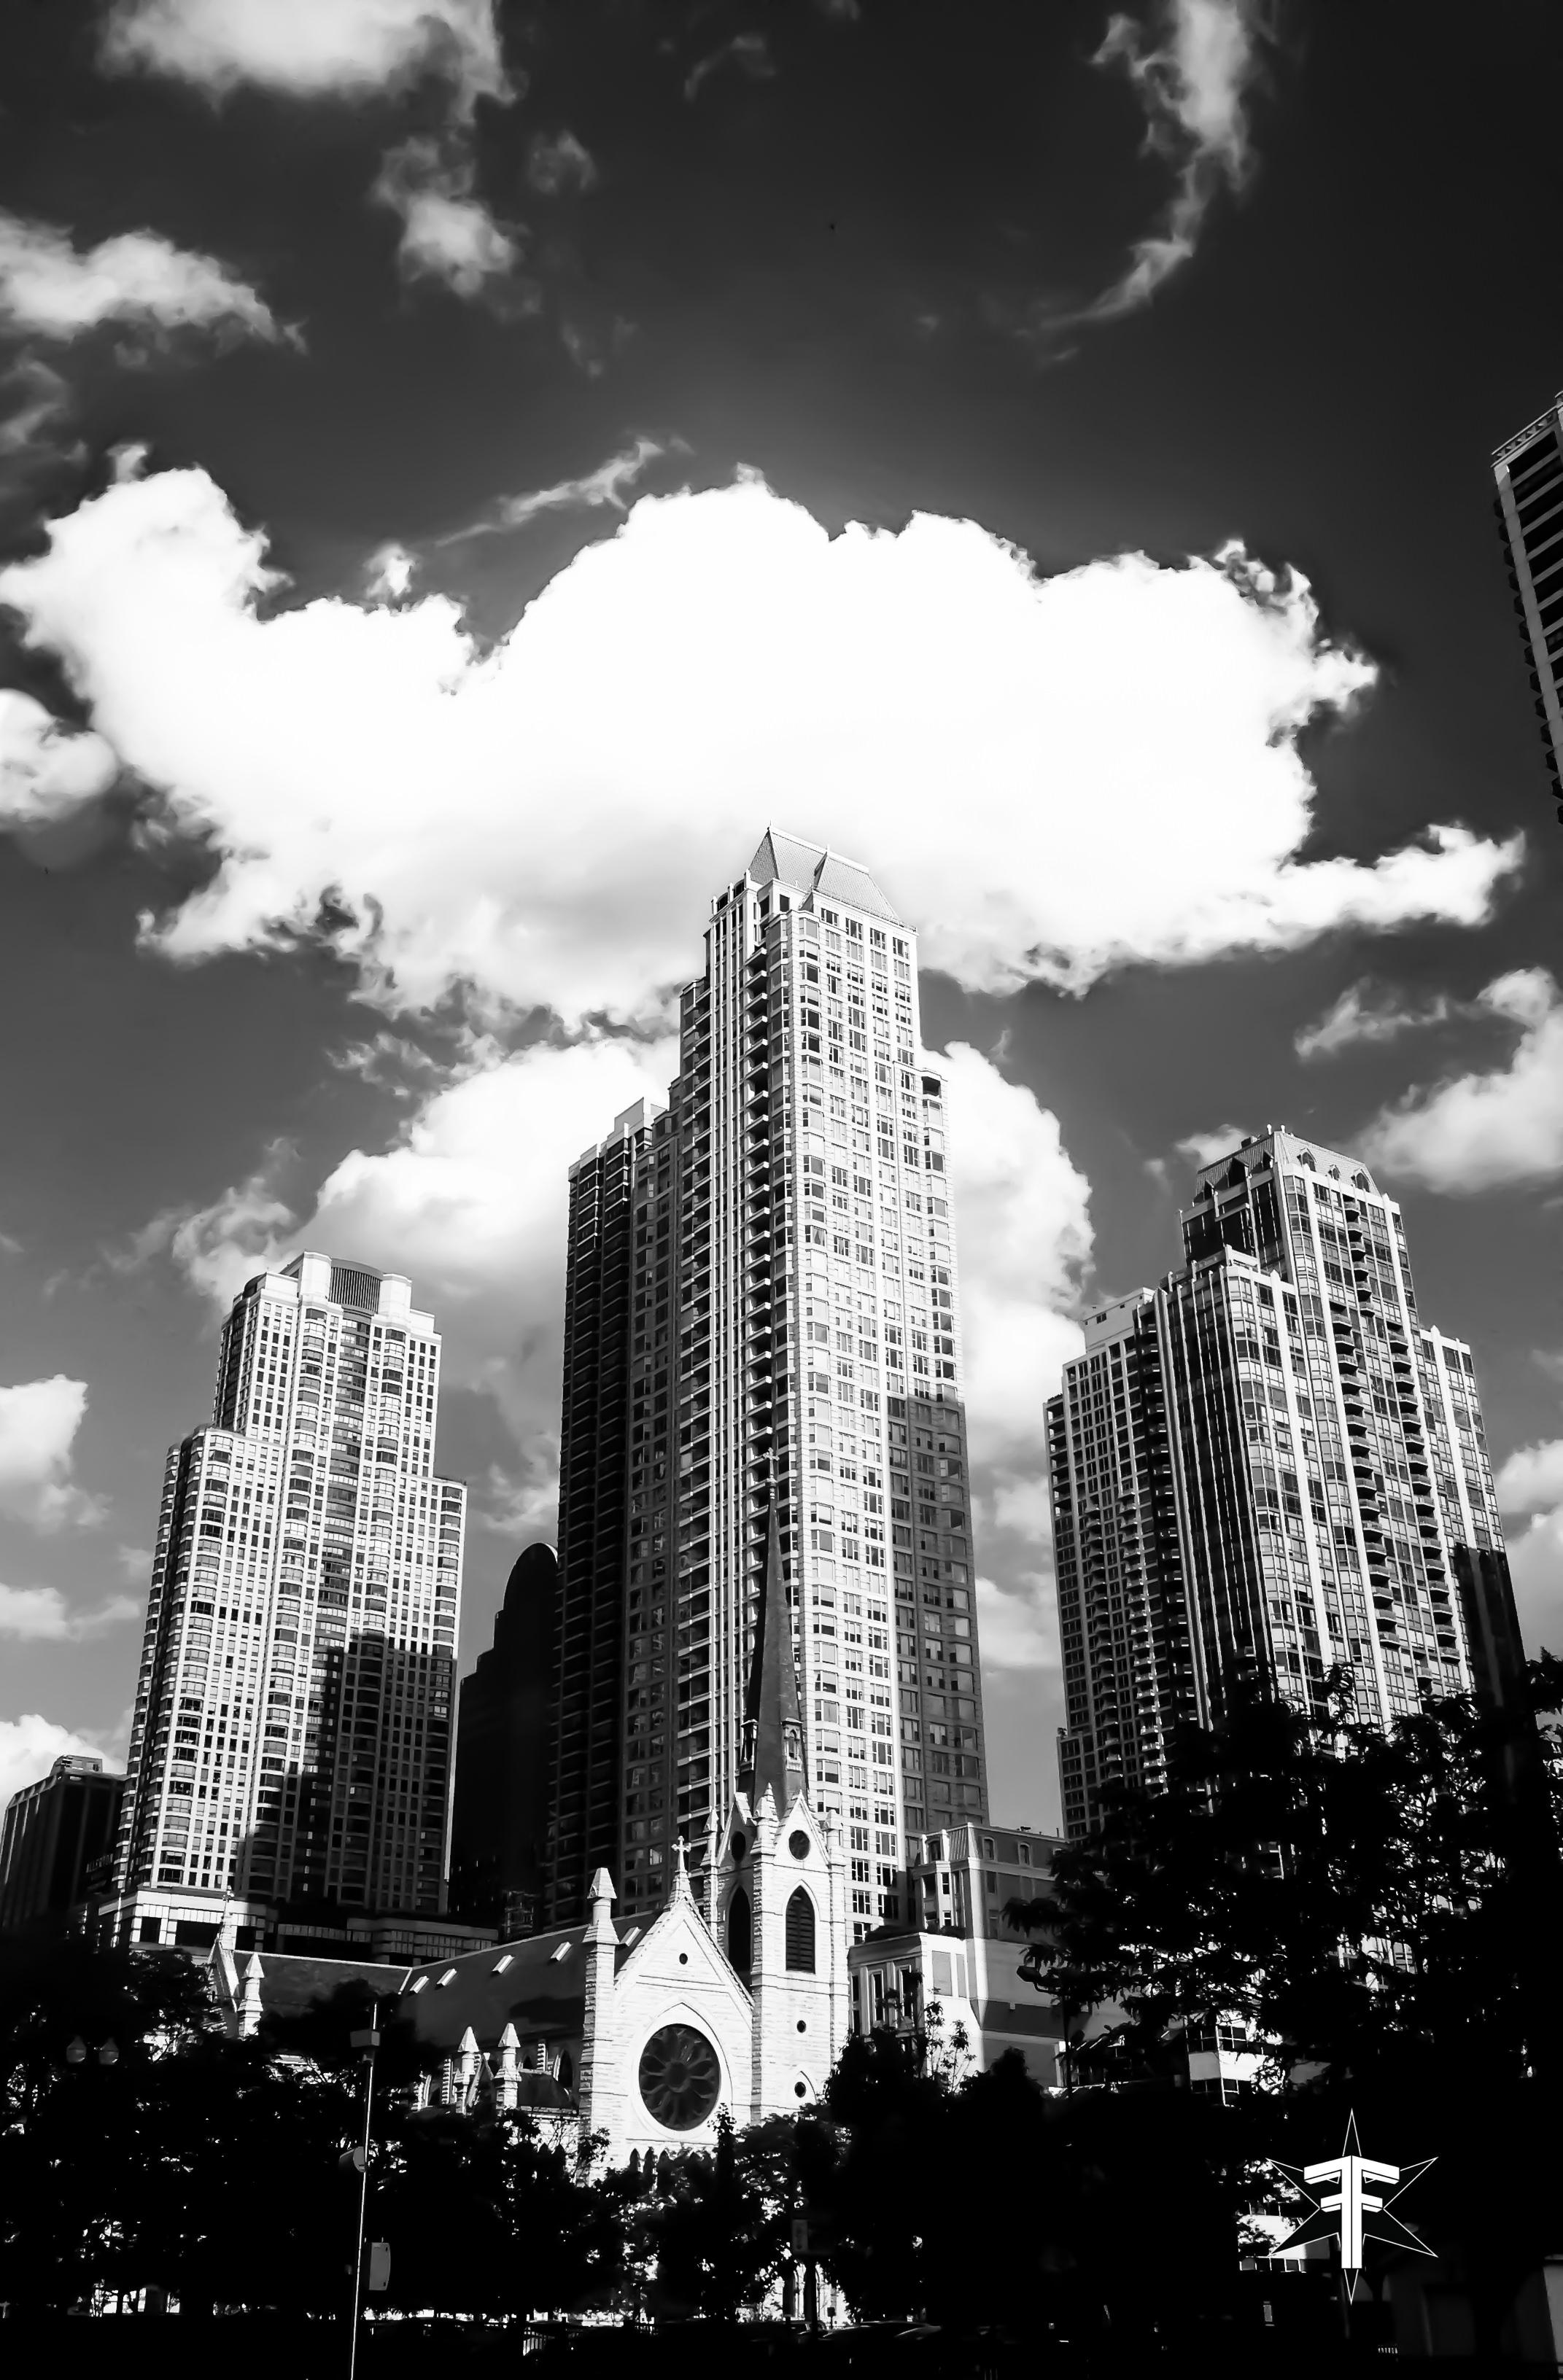 chicago architecture eric formato photography design arquitectura architettura buildings skyscraper skyscrapers-14.jpg